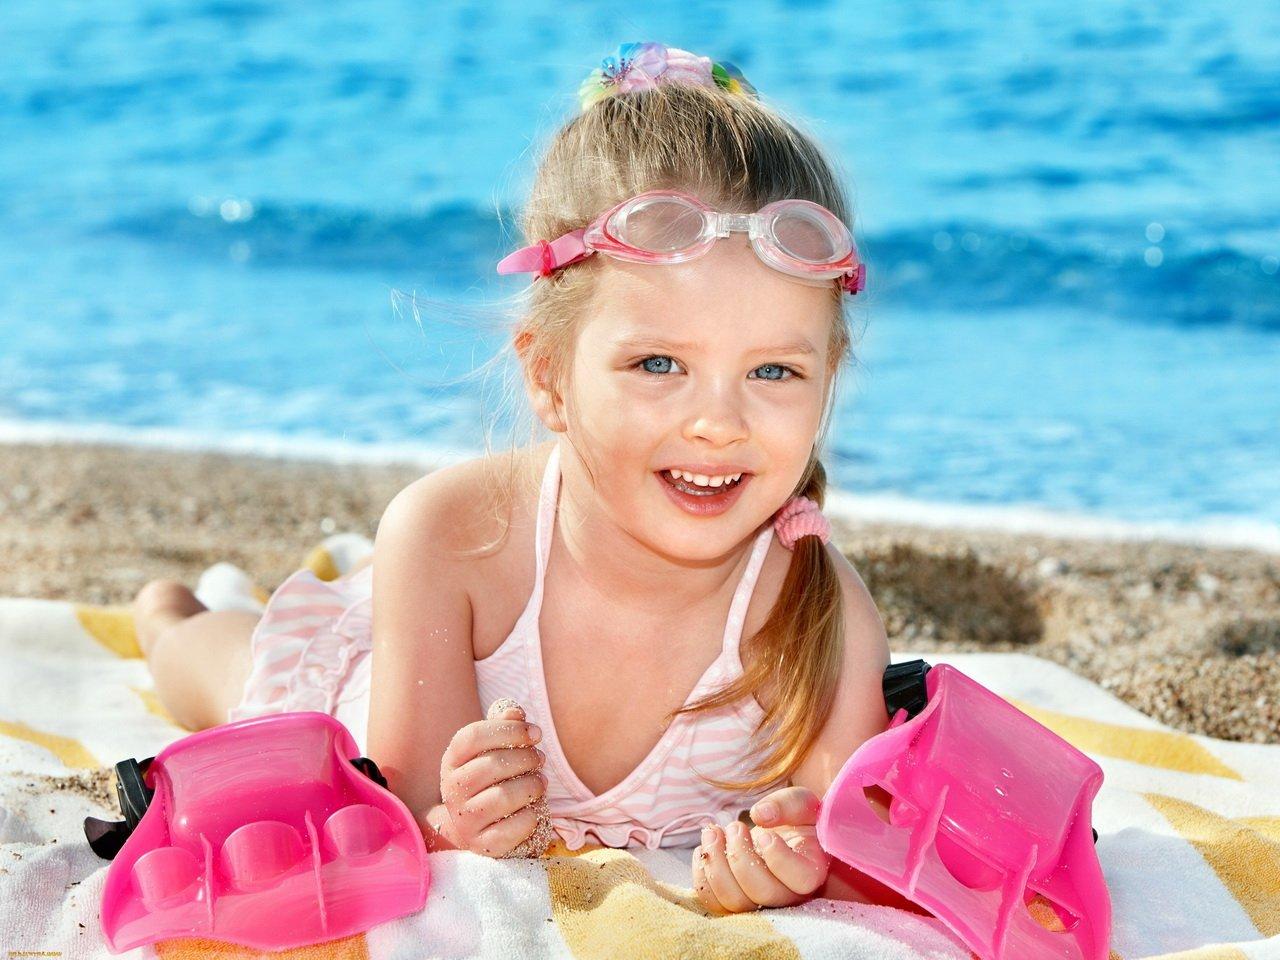 Солнечные ожоги у детей: симптомы, первая помощь, народные средства для улучшения состояния